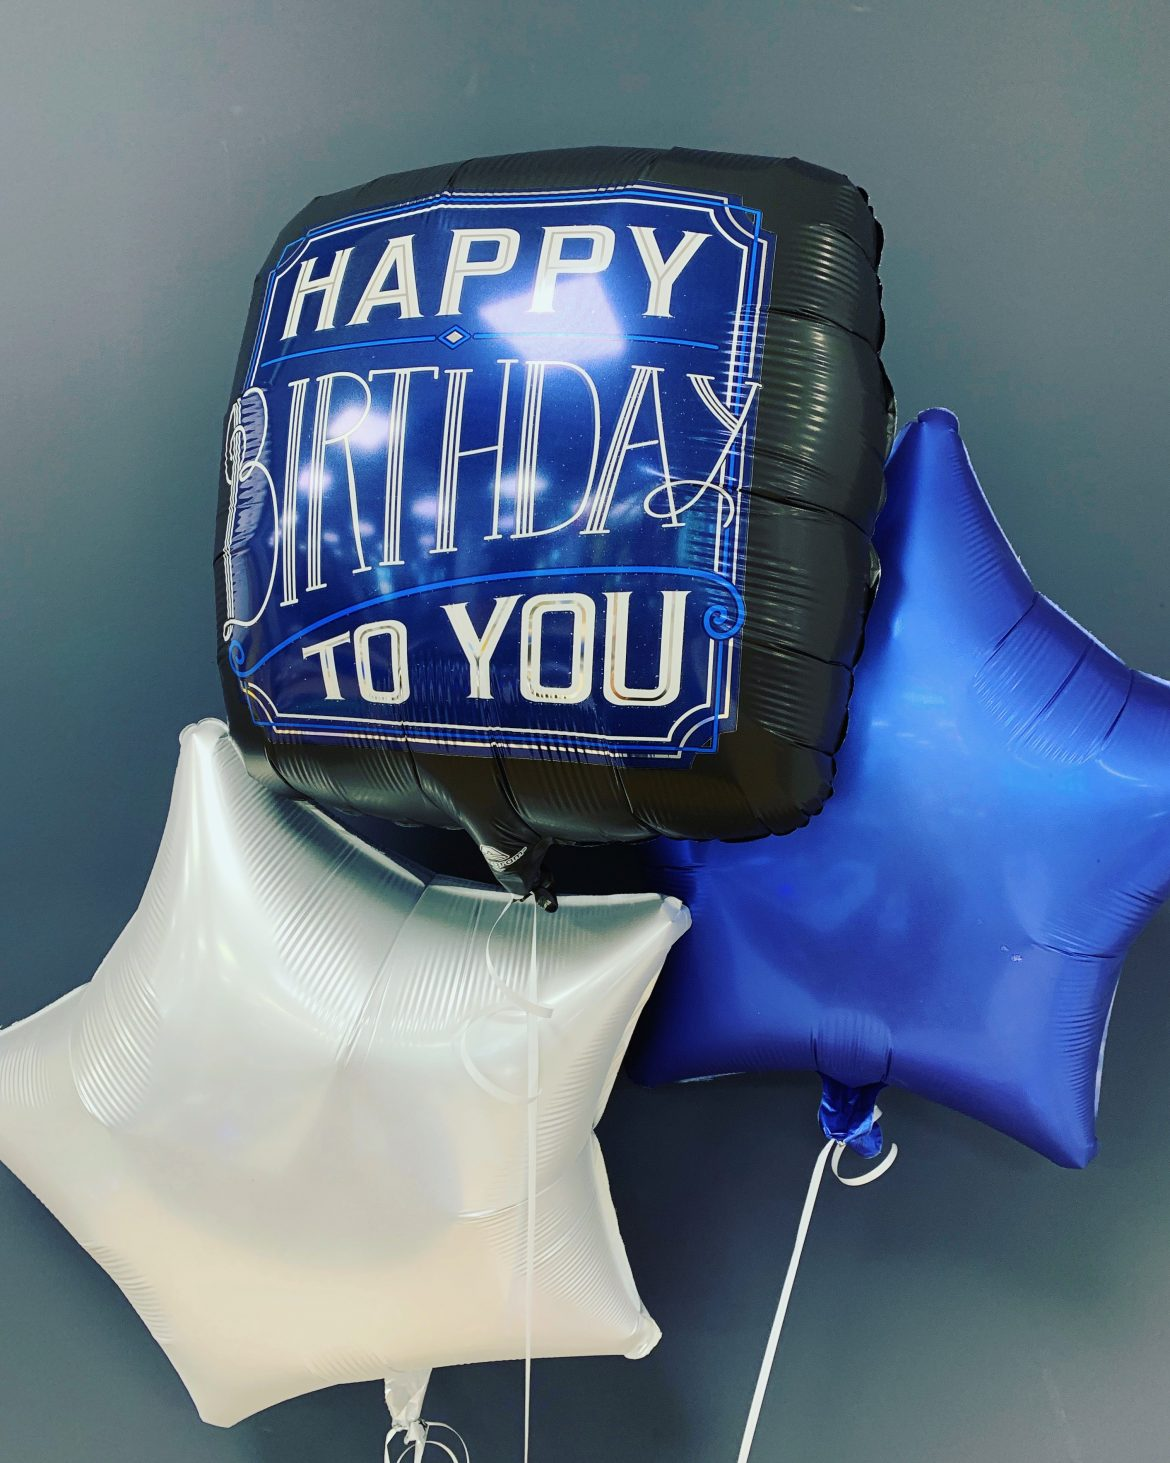 Ballon Happy Birthday to you